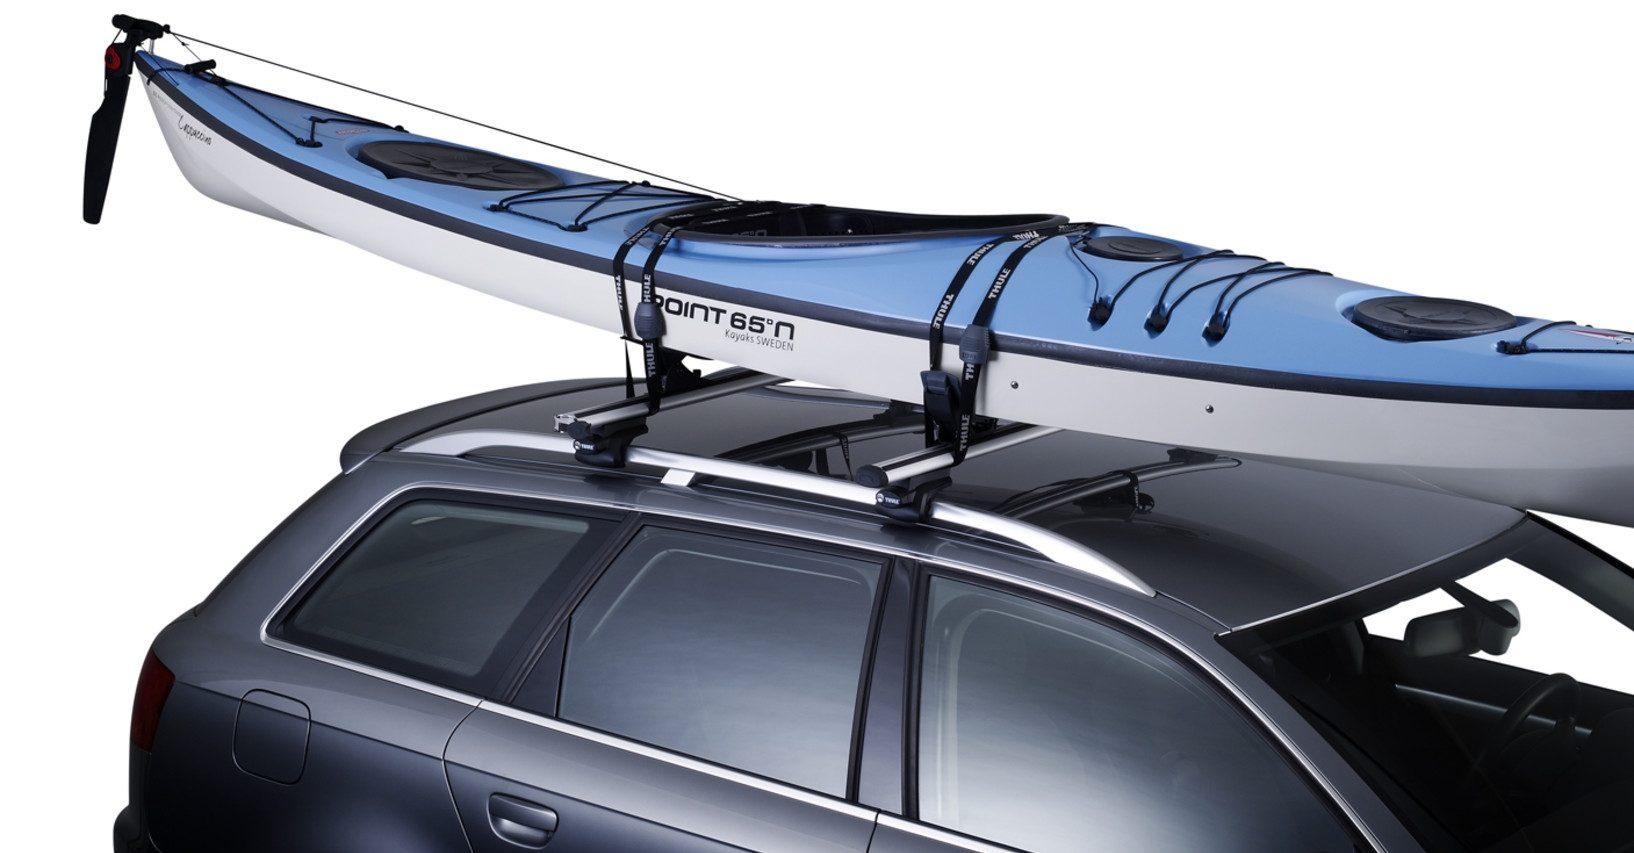 Выбор багажника на крыше автомобиля